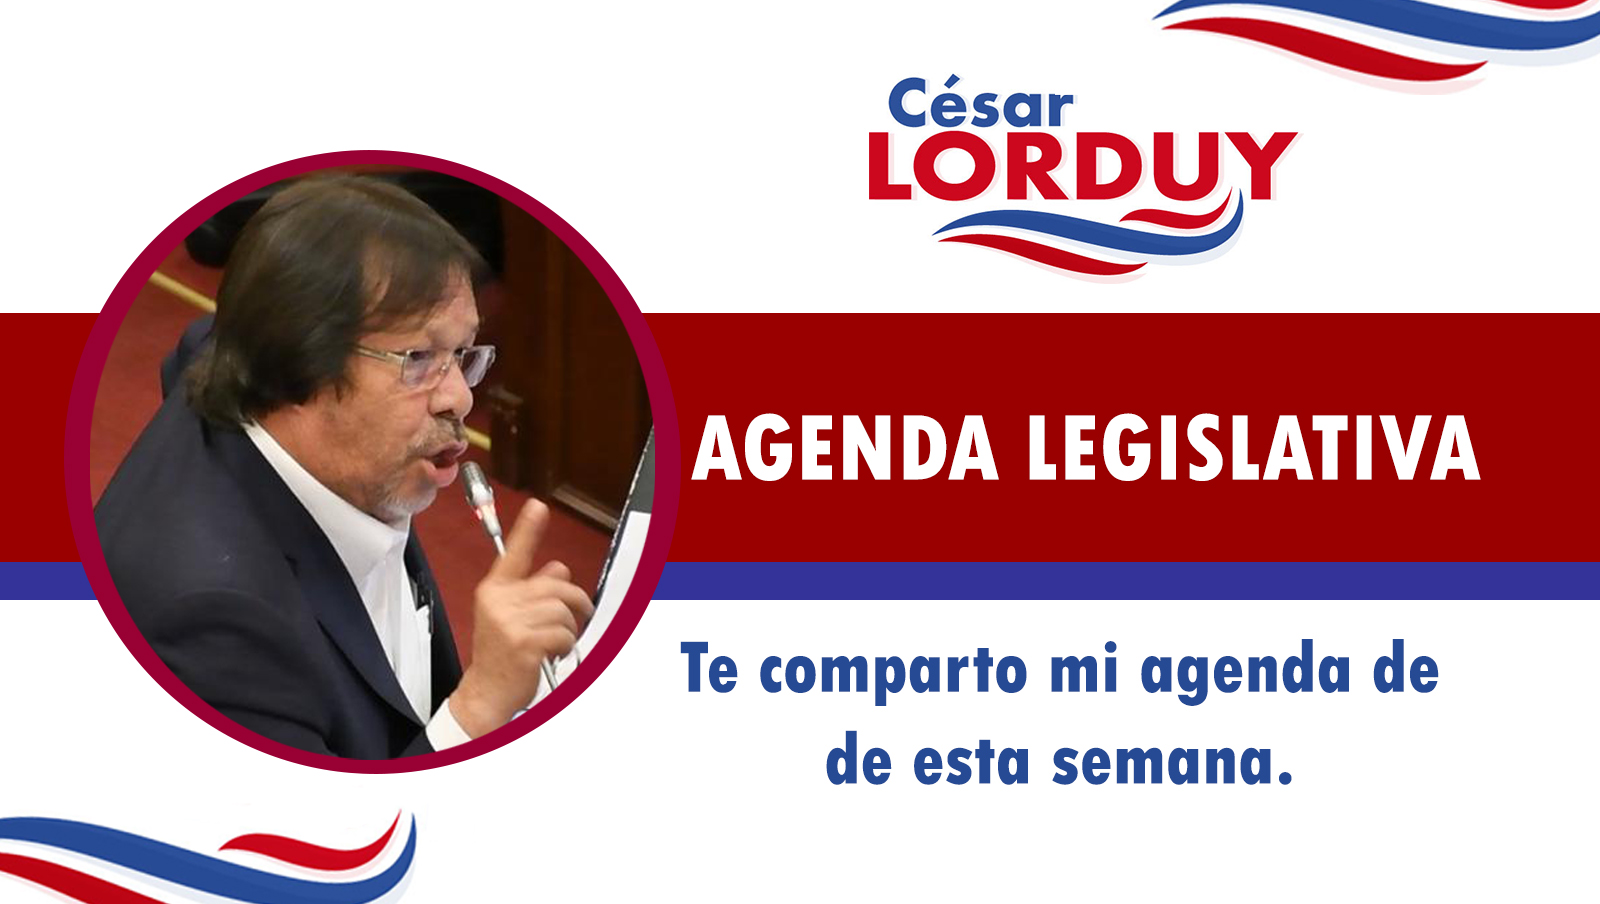 Cesar Lorduy comparte su agenda legislativa en la Cámara de Representantes del 5 al 9 de agosto 2